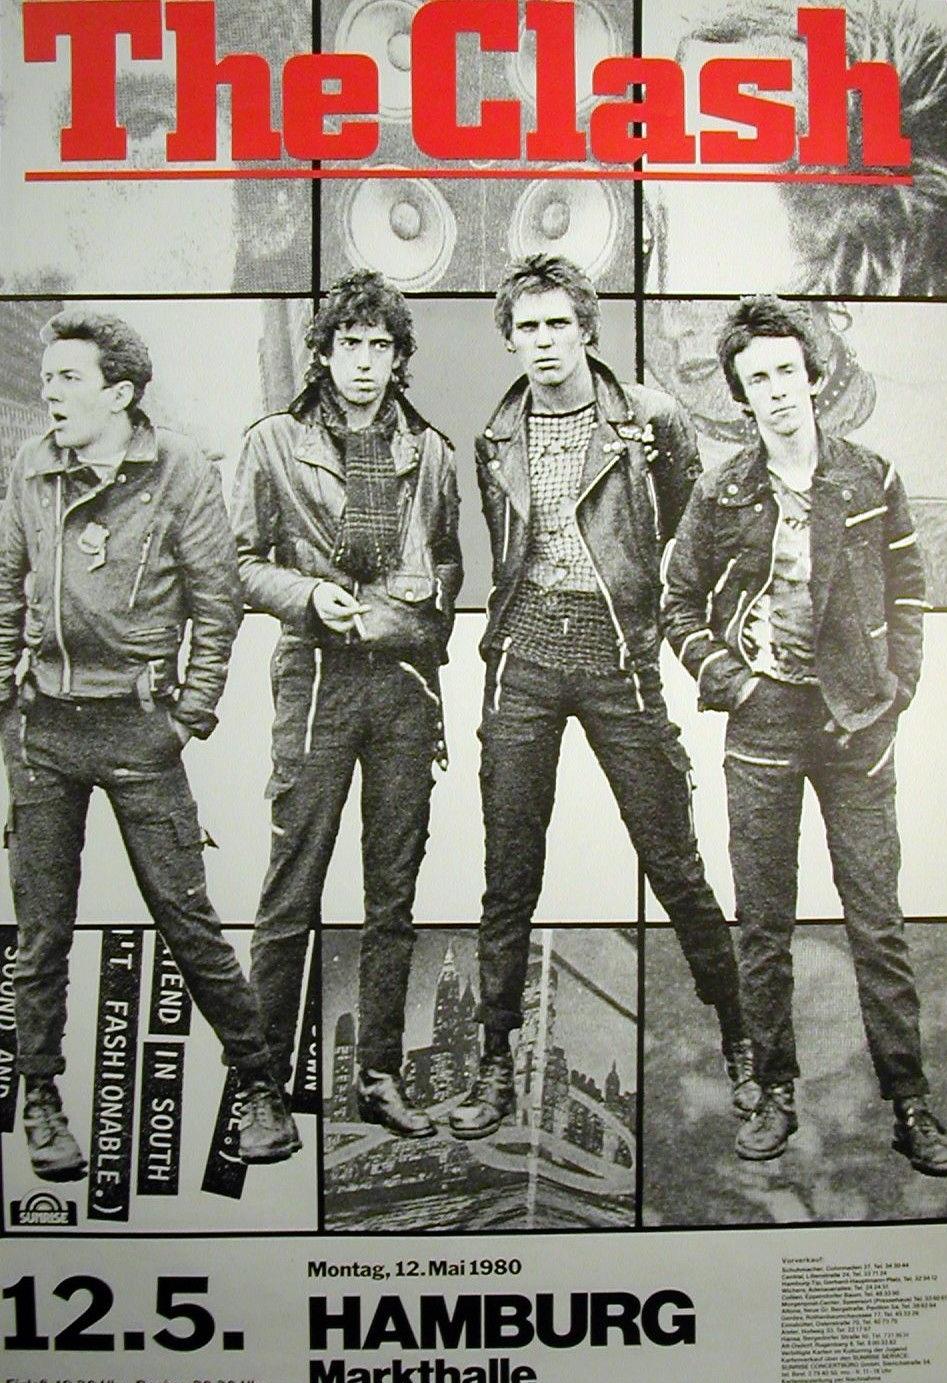 Cartel del show en Hamburgo en la sala Markthalle (12 de mayo de 1980)